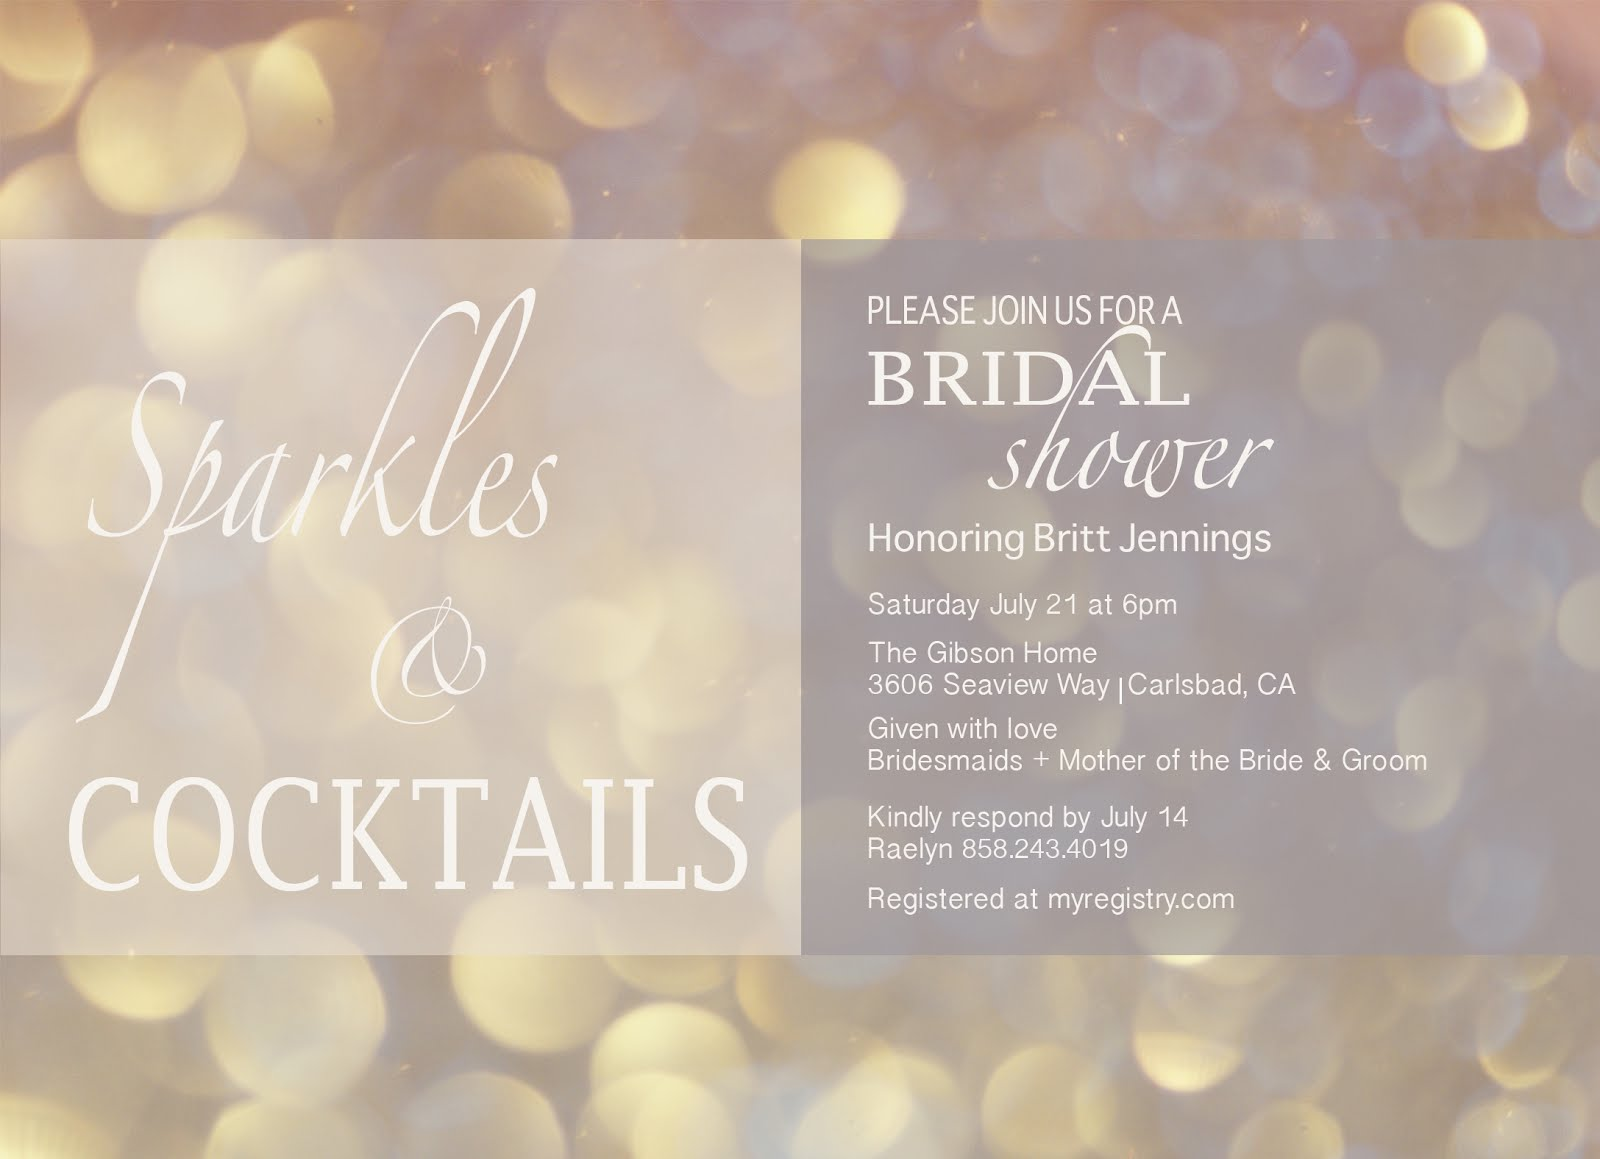 Just Strolling Sparkles Cocktails bridal shower invite